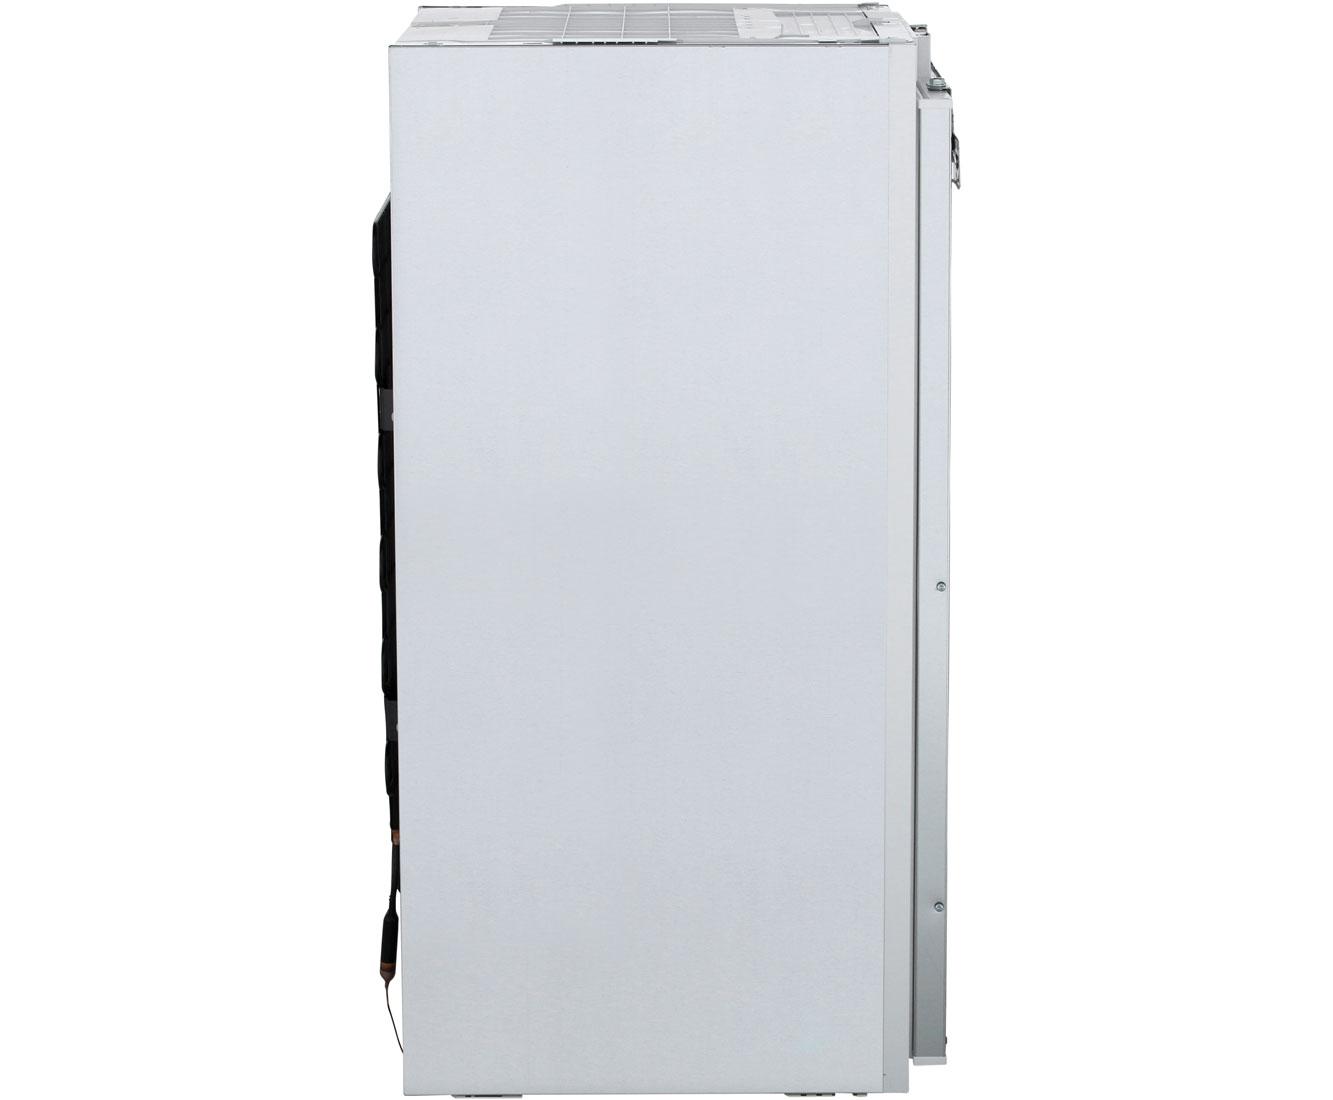 Siemens Kühlschrank Service : Siemens iq ki lvf einbau kühlschrank mit gefrierfach er